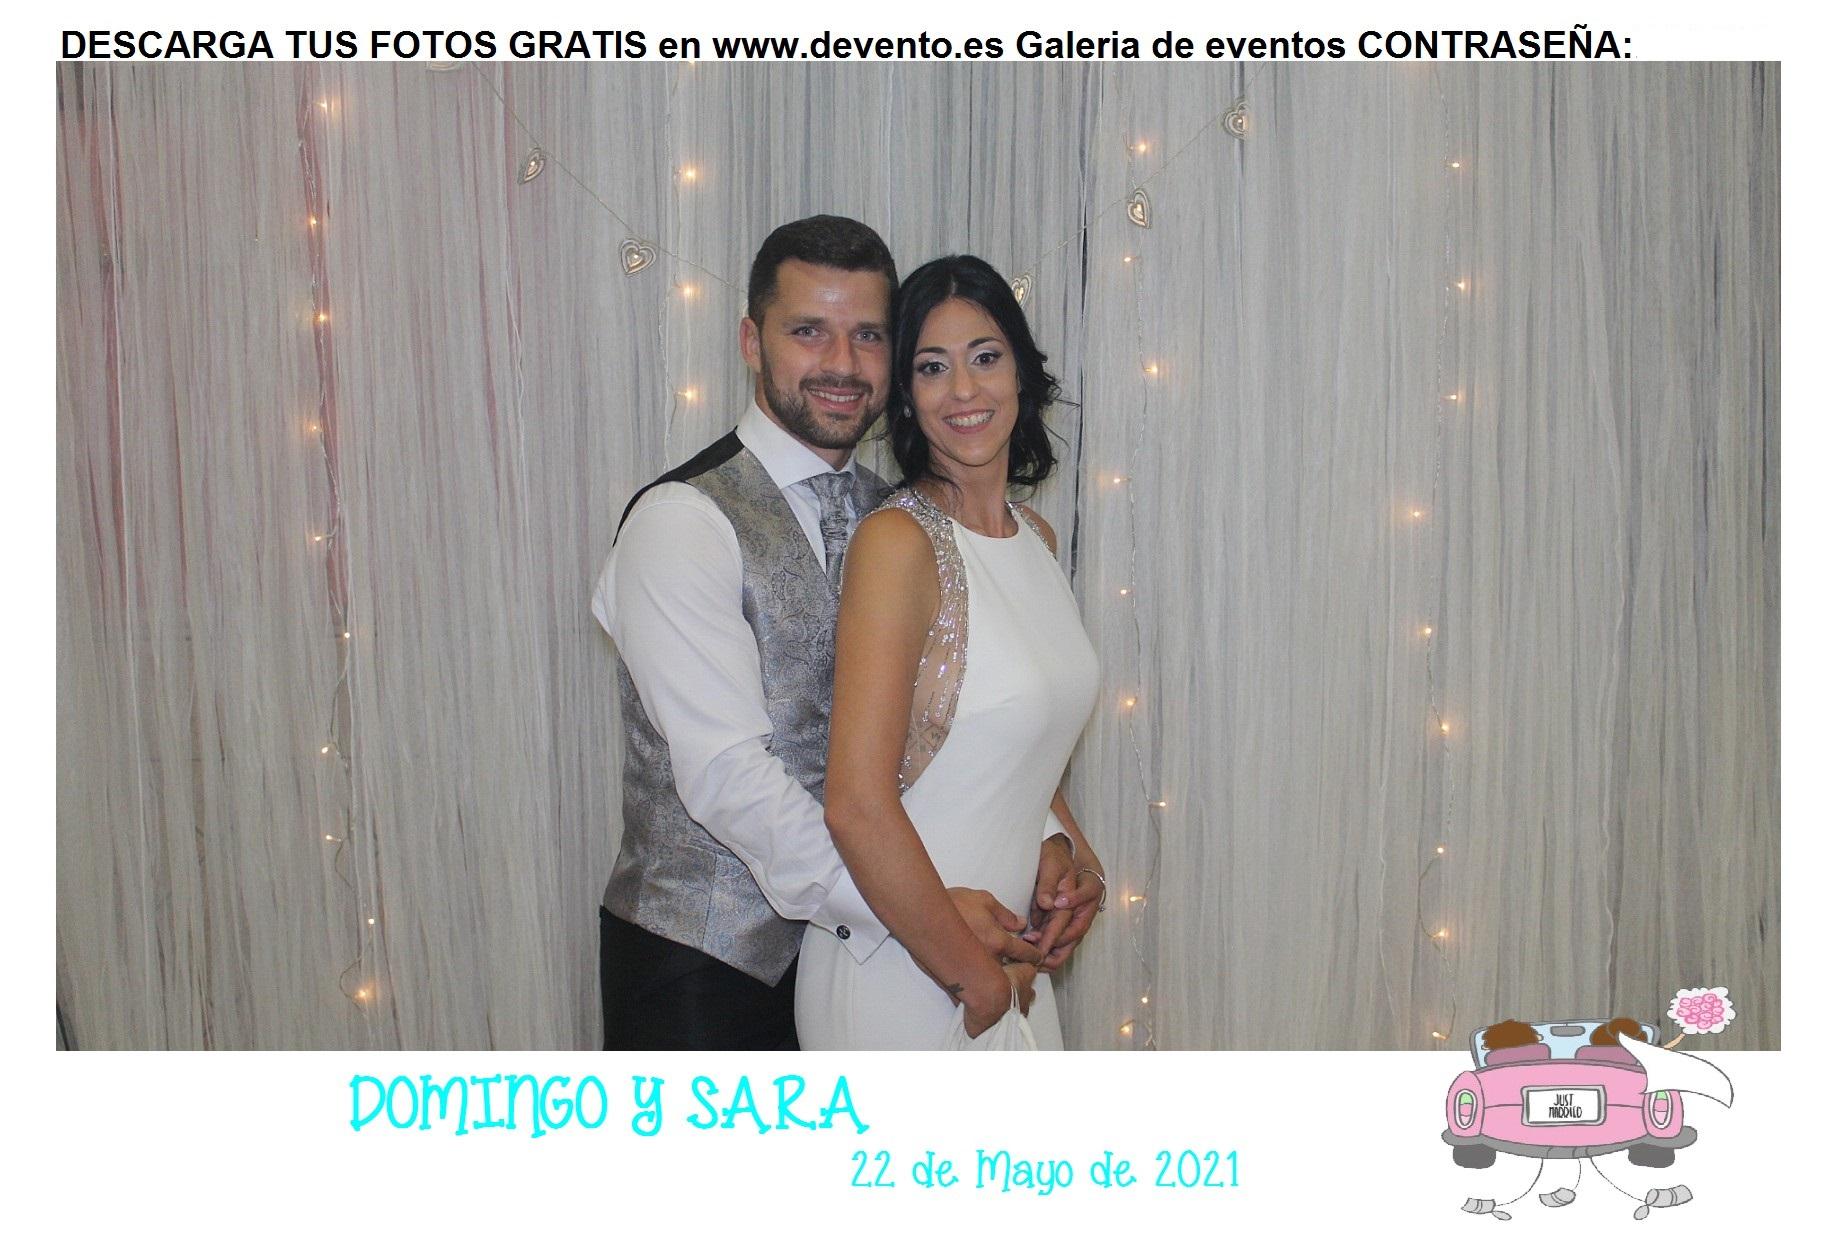 DOMINGO Y SARA